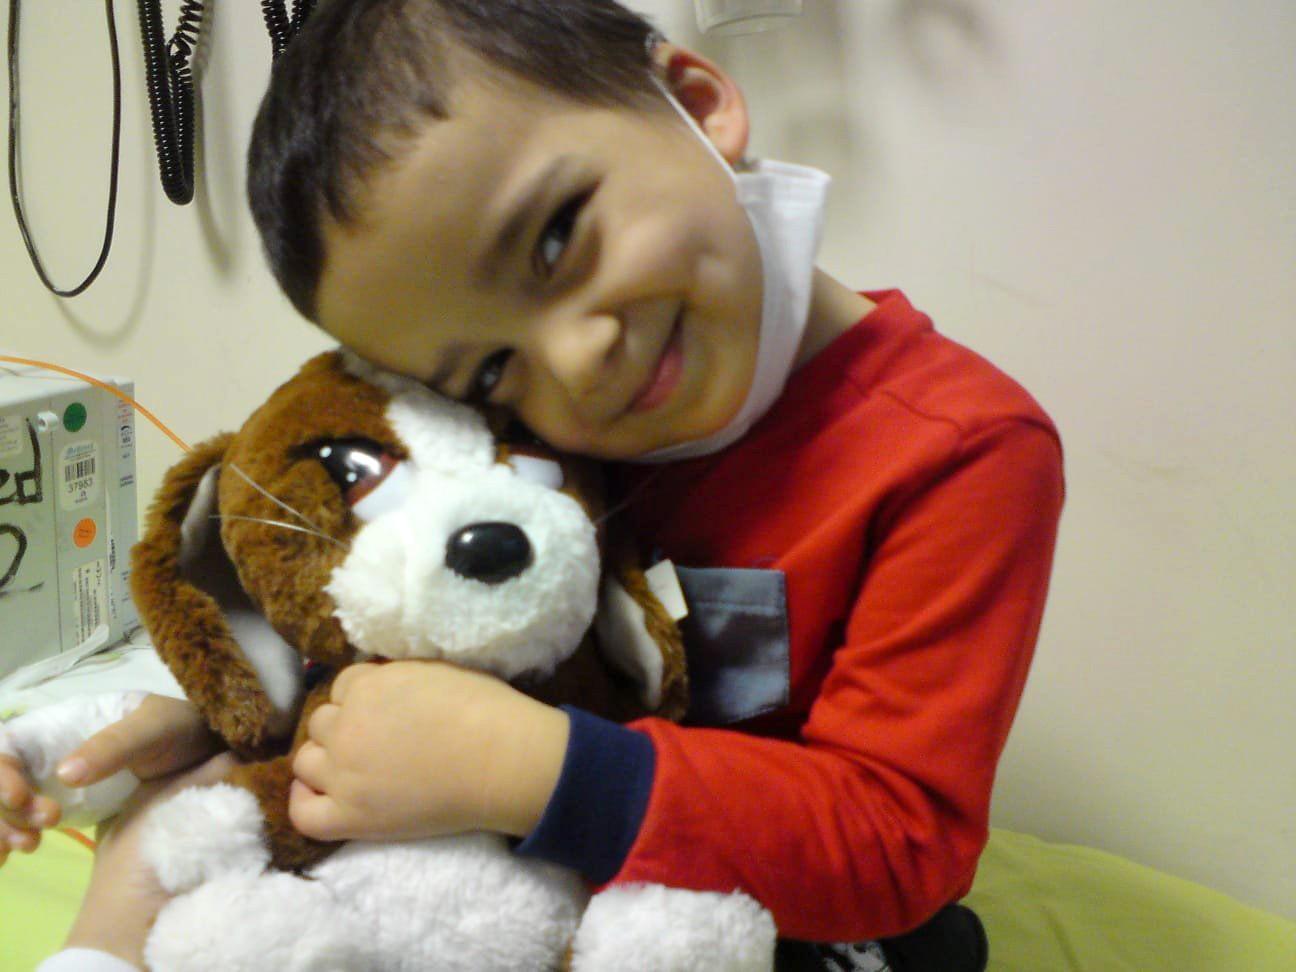 Kanserden ölen 5 yaşındaki Ahmet'in adı kütüphanede yaşayacak